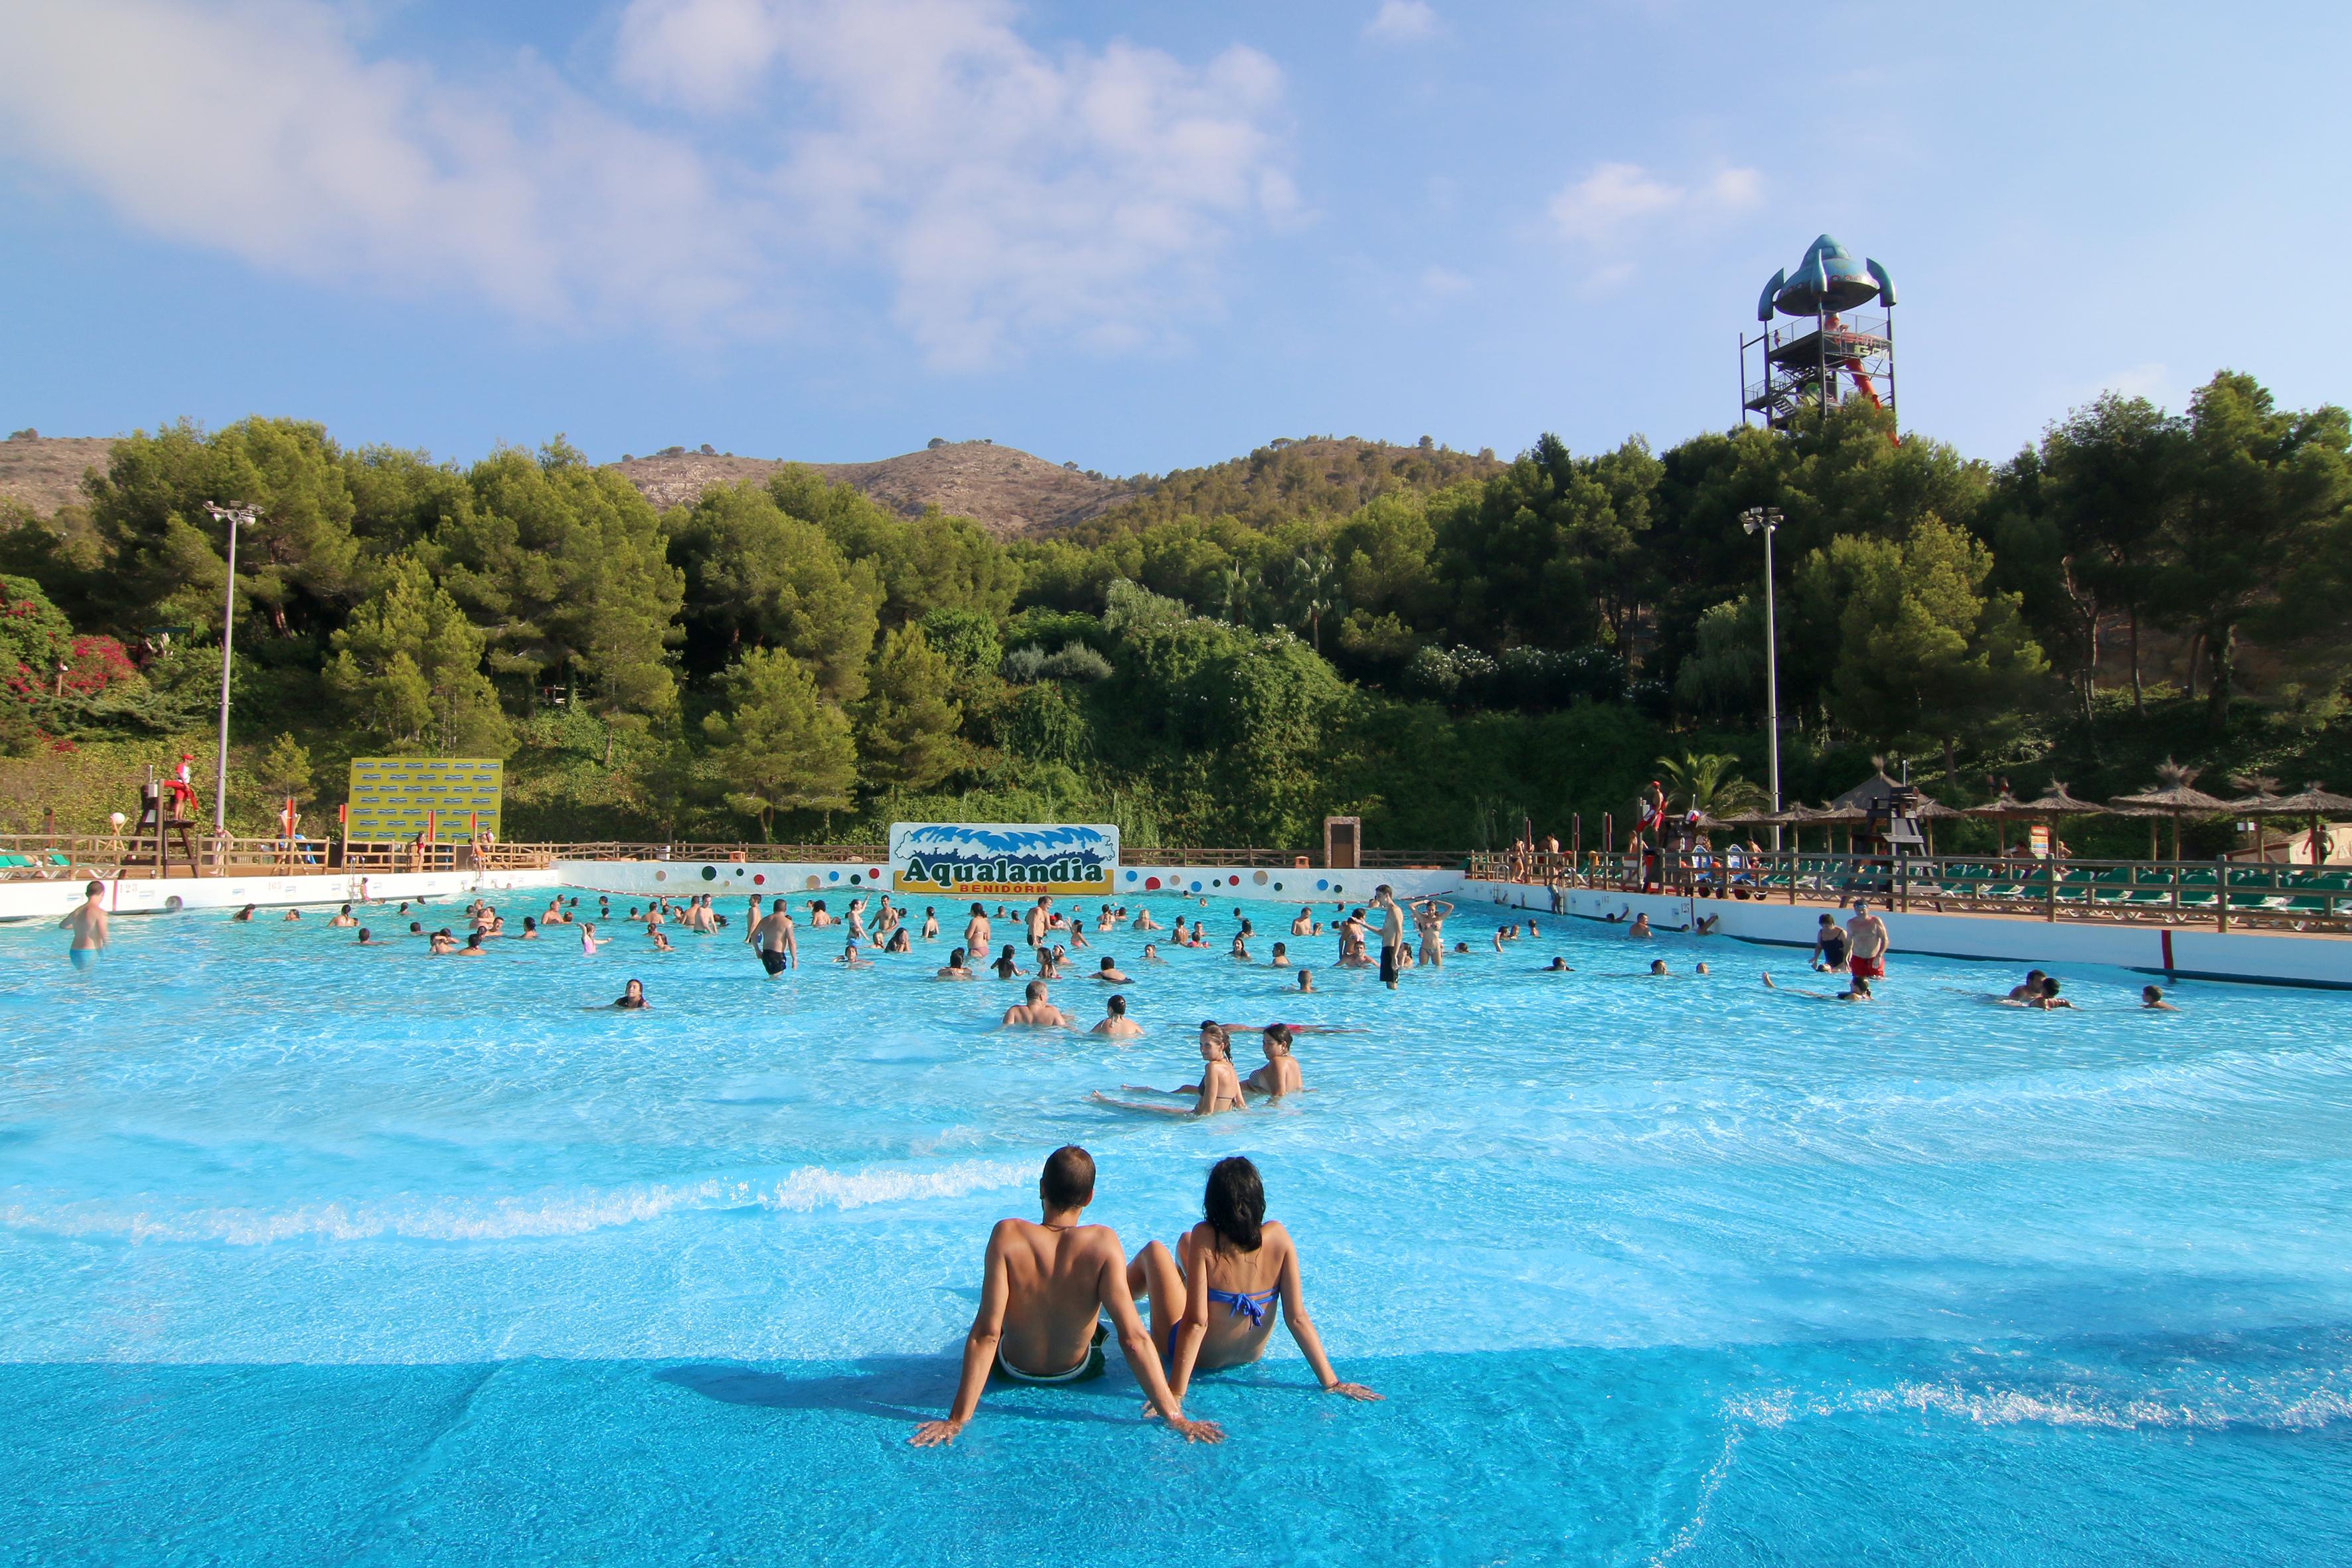 10 razones para visitar Aqualandia